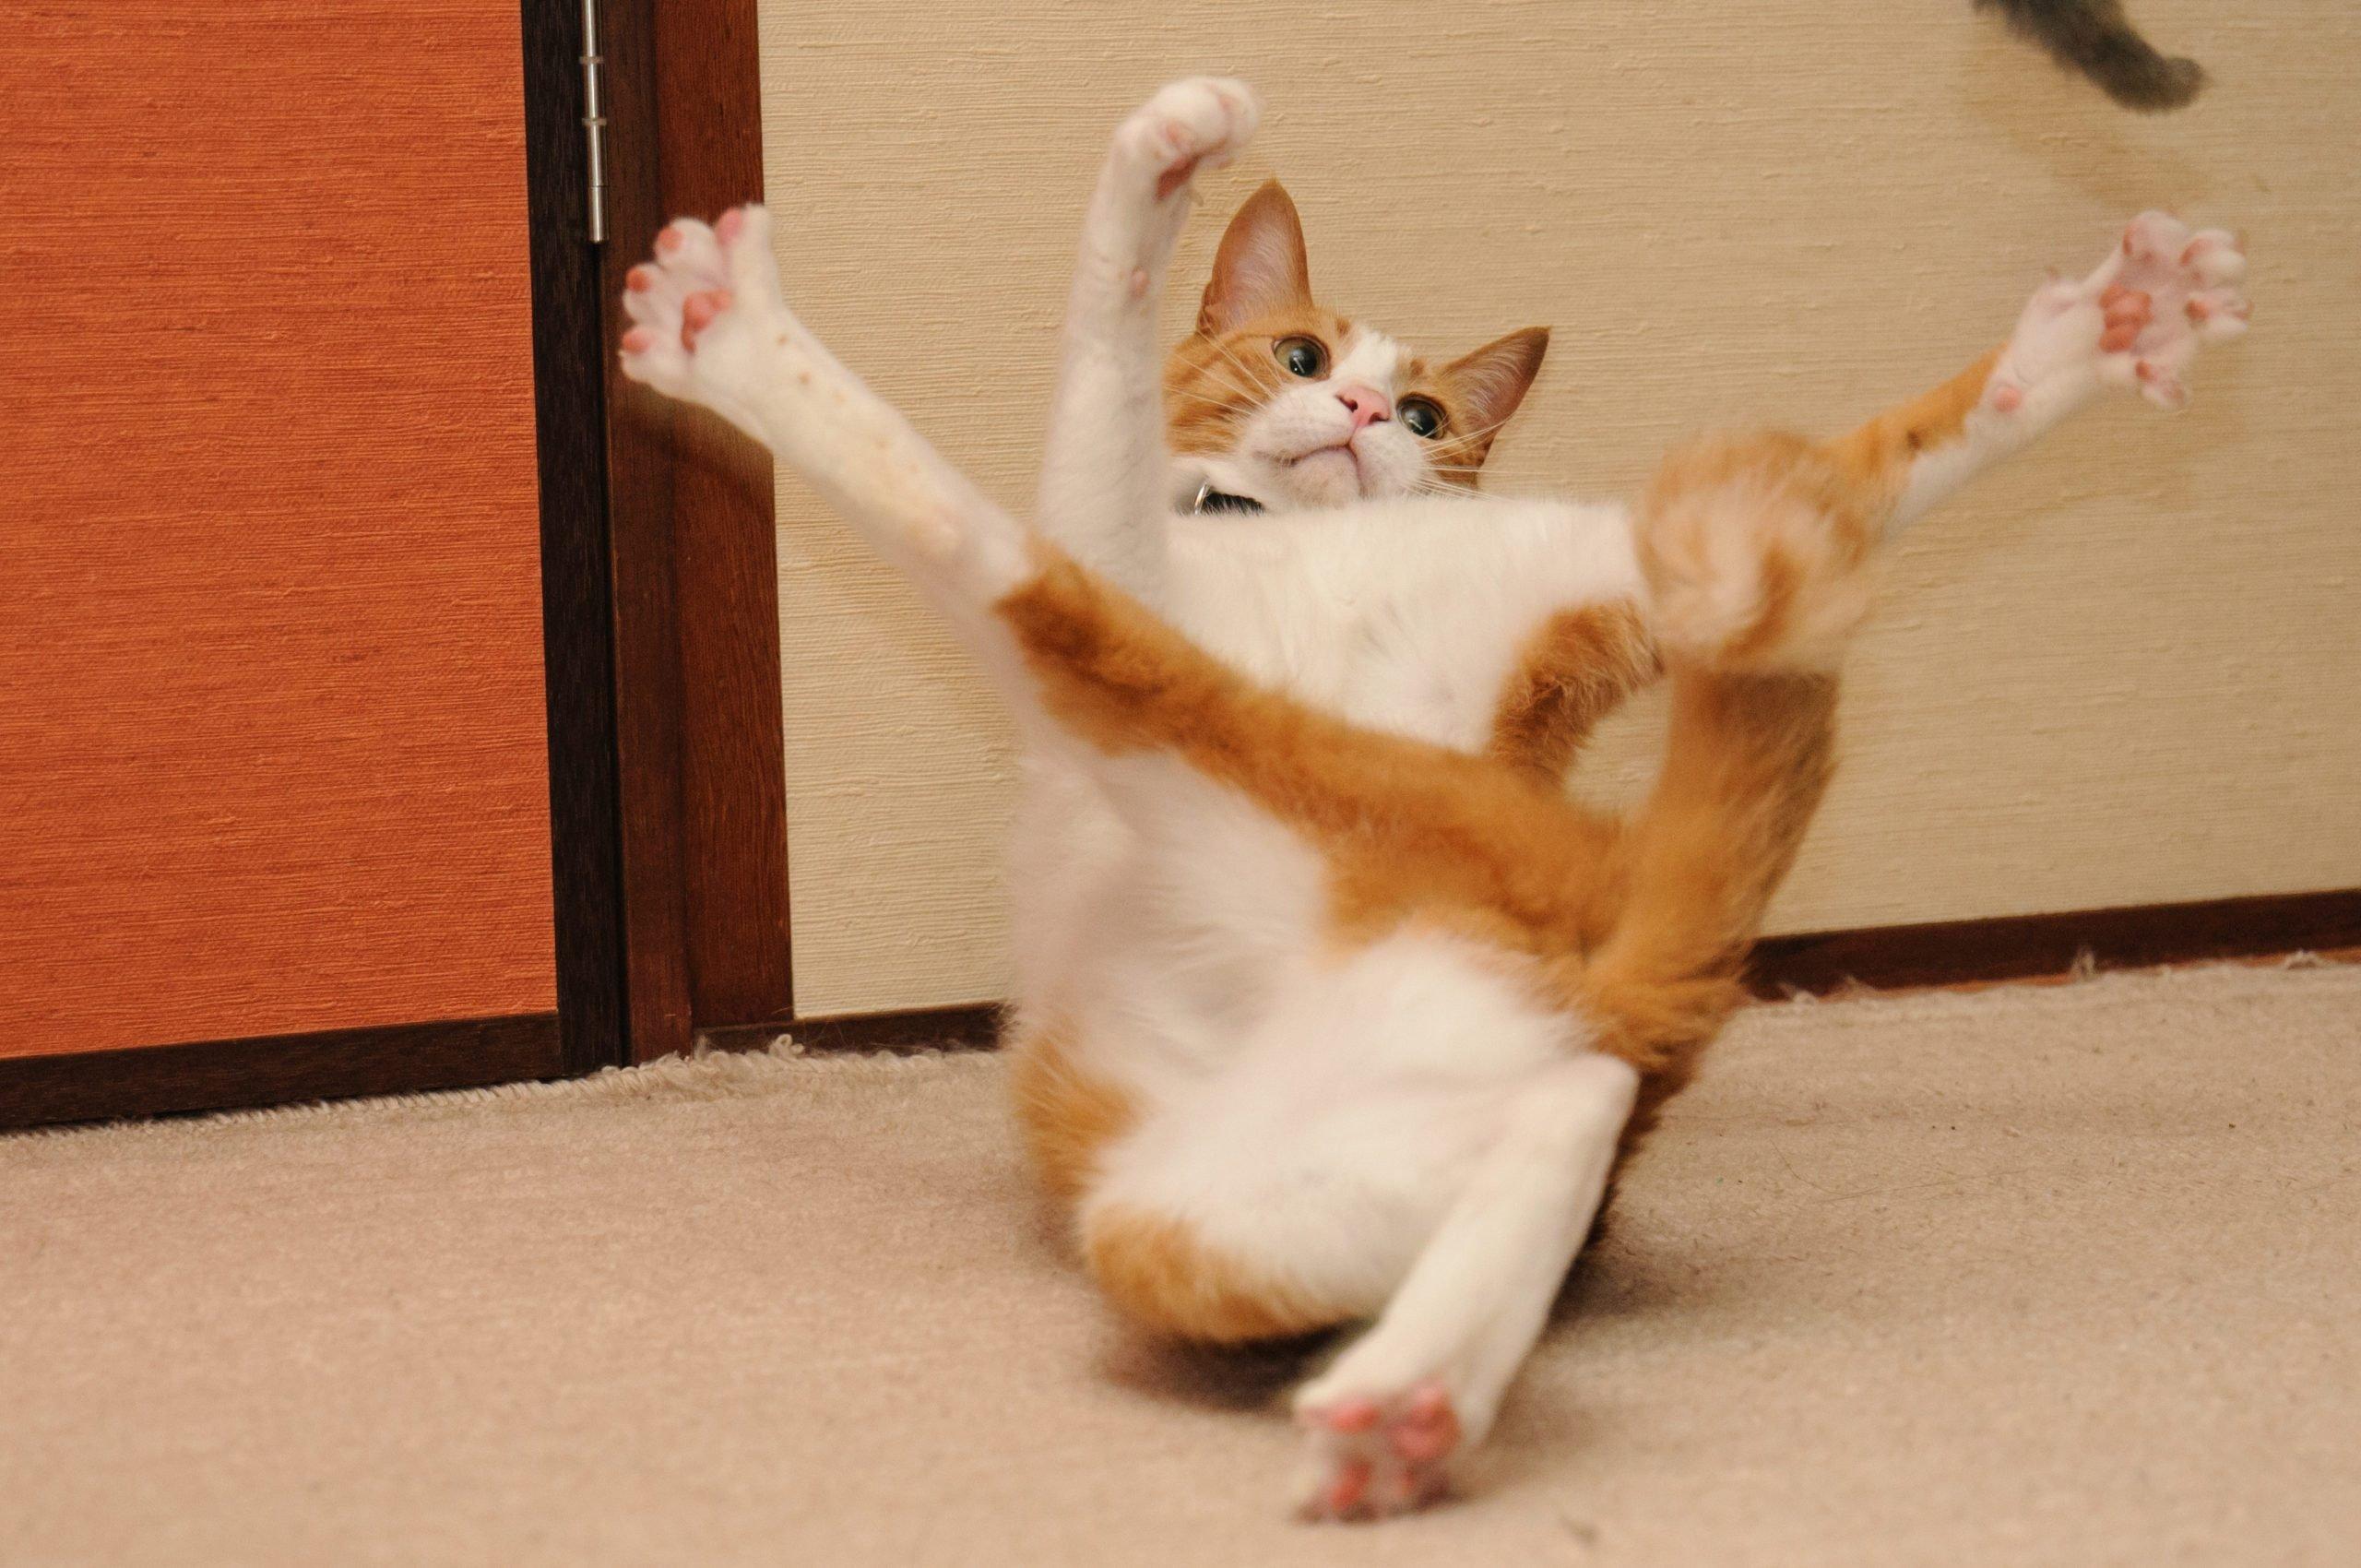 Cat flailing limbs